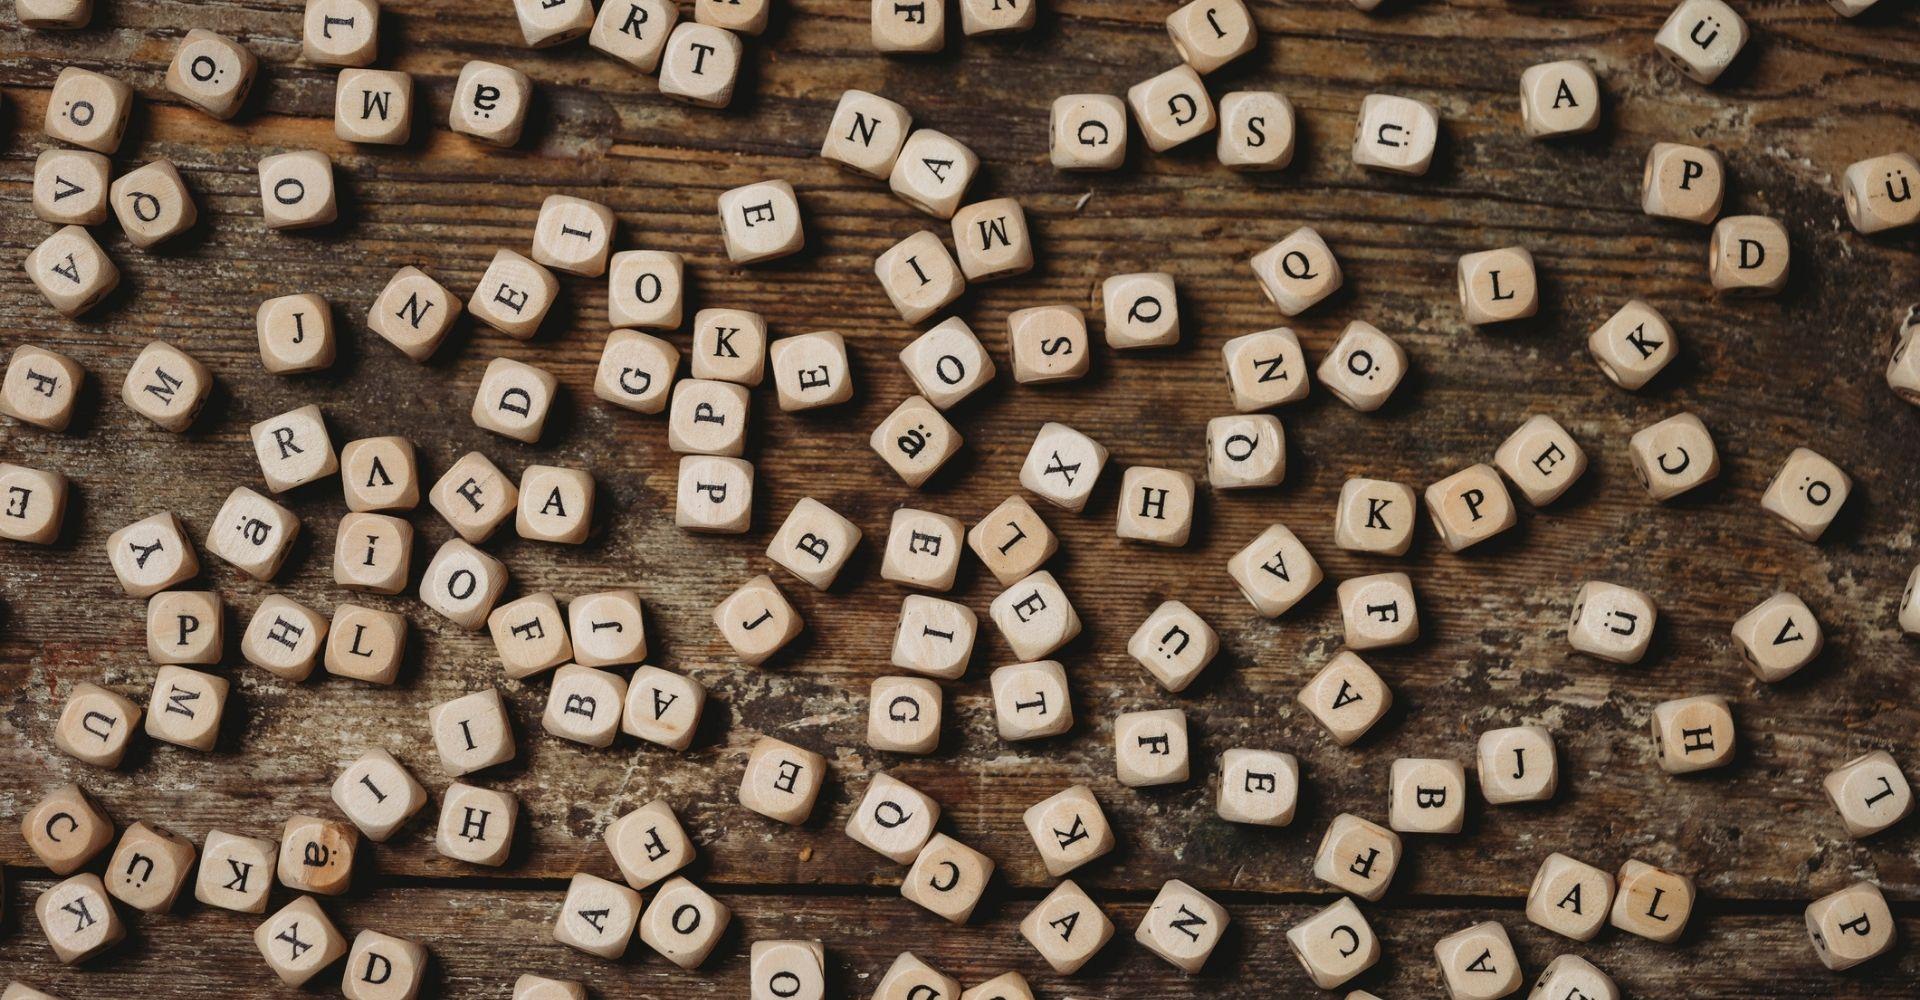 Gli ultimi neologismi inseriti nei dizionari